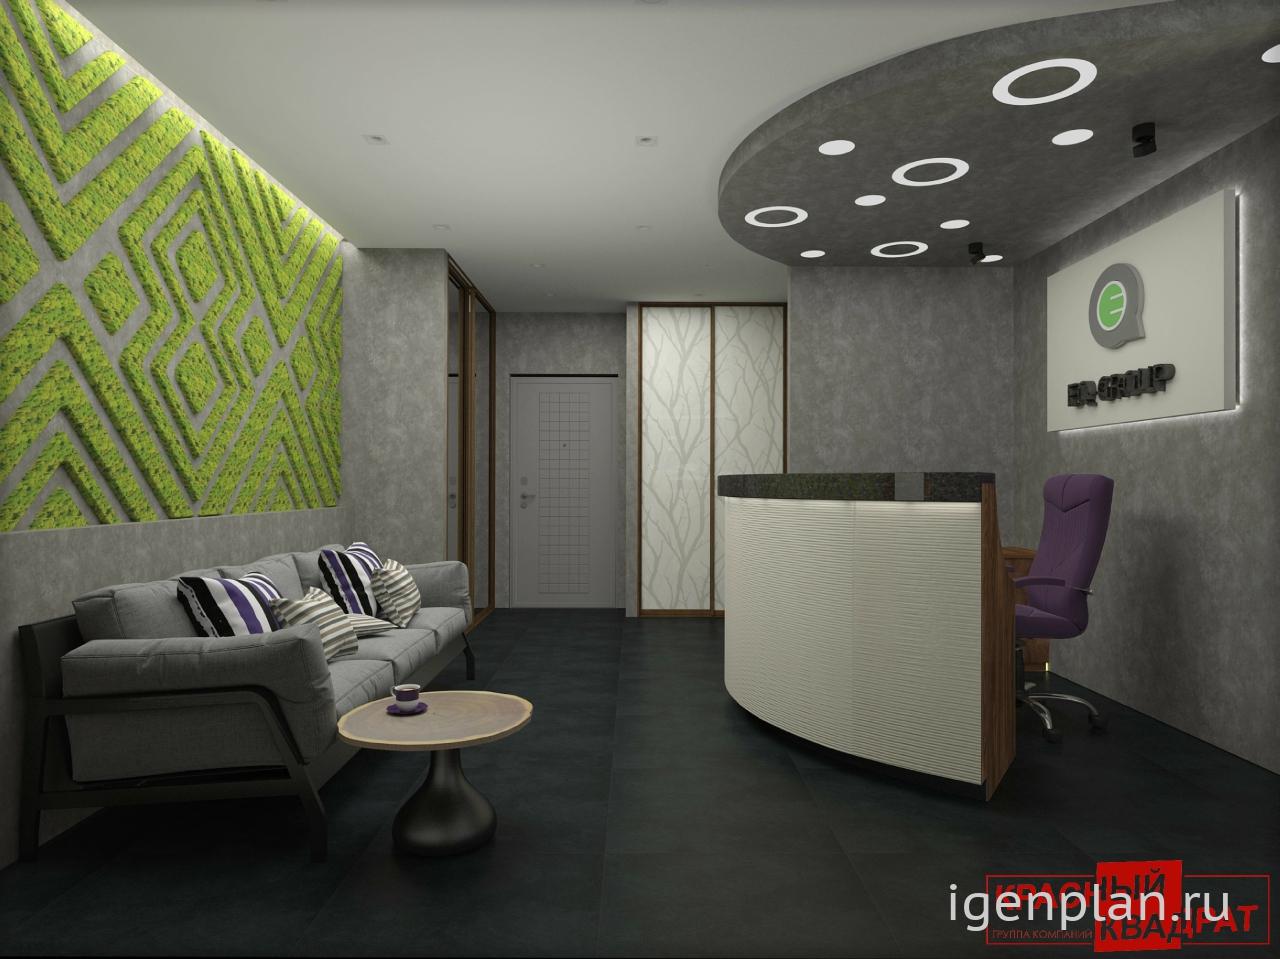 Интерьер офиса в эко-стиле